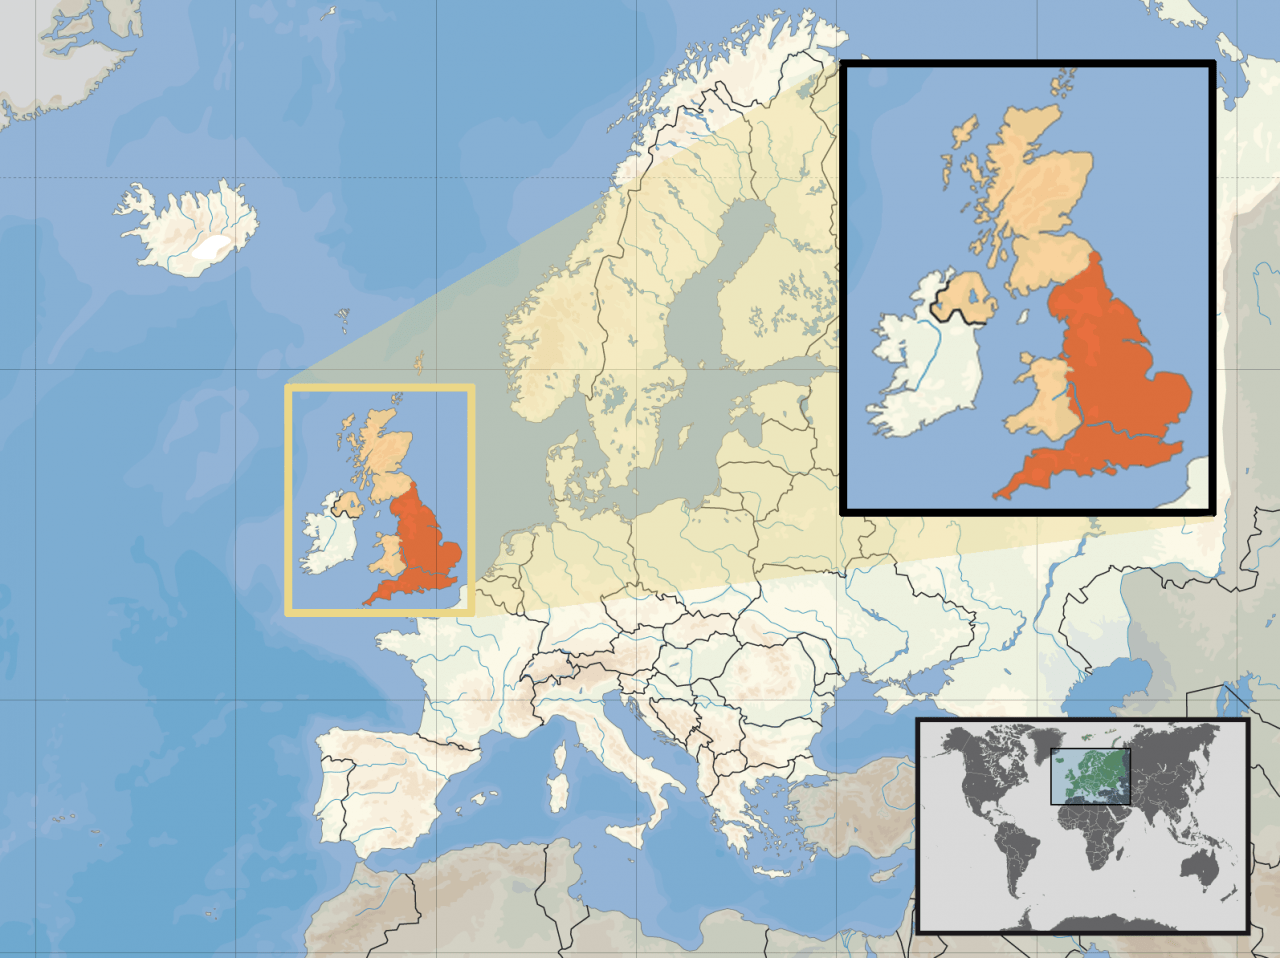 Lokalizacja Anglii na tle Europy